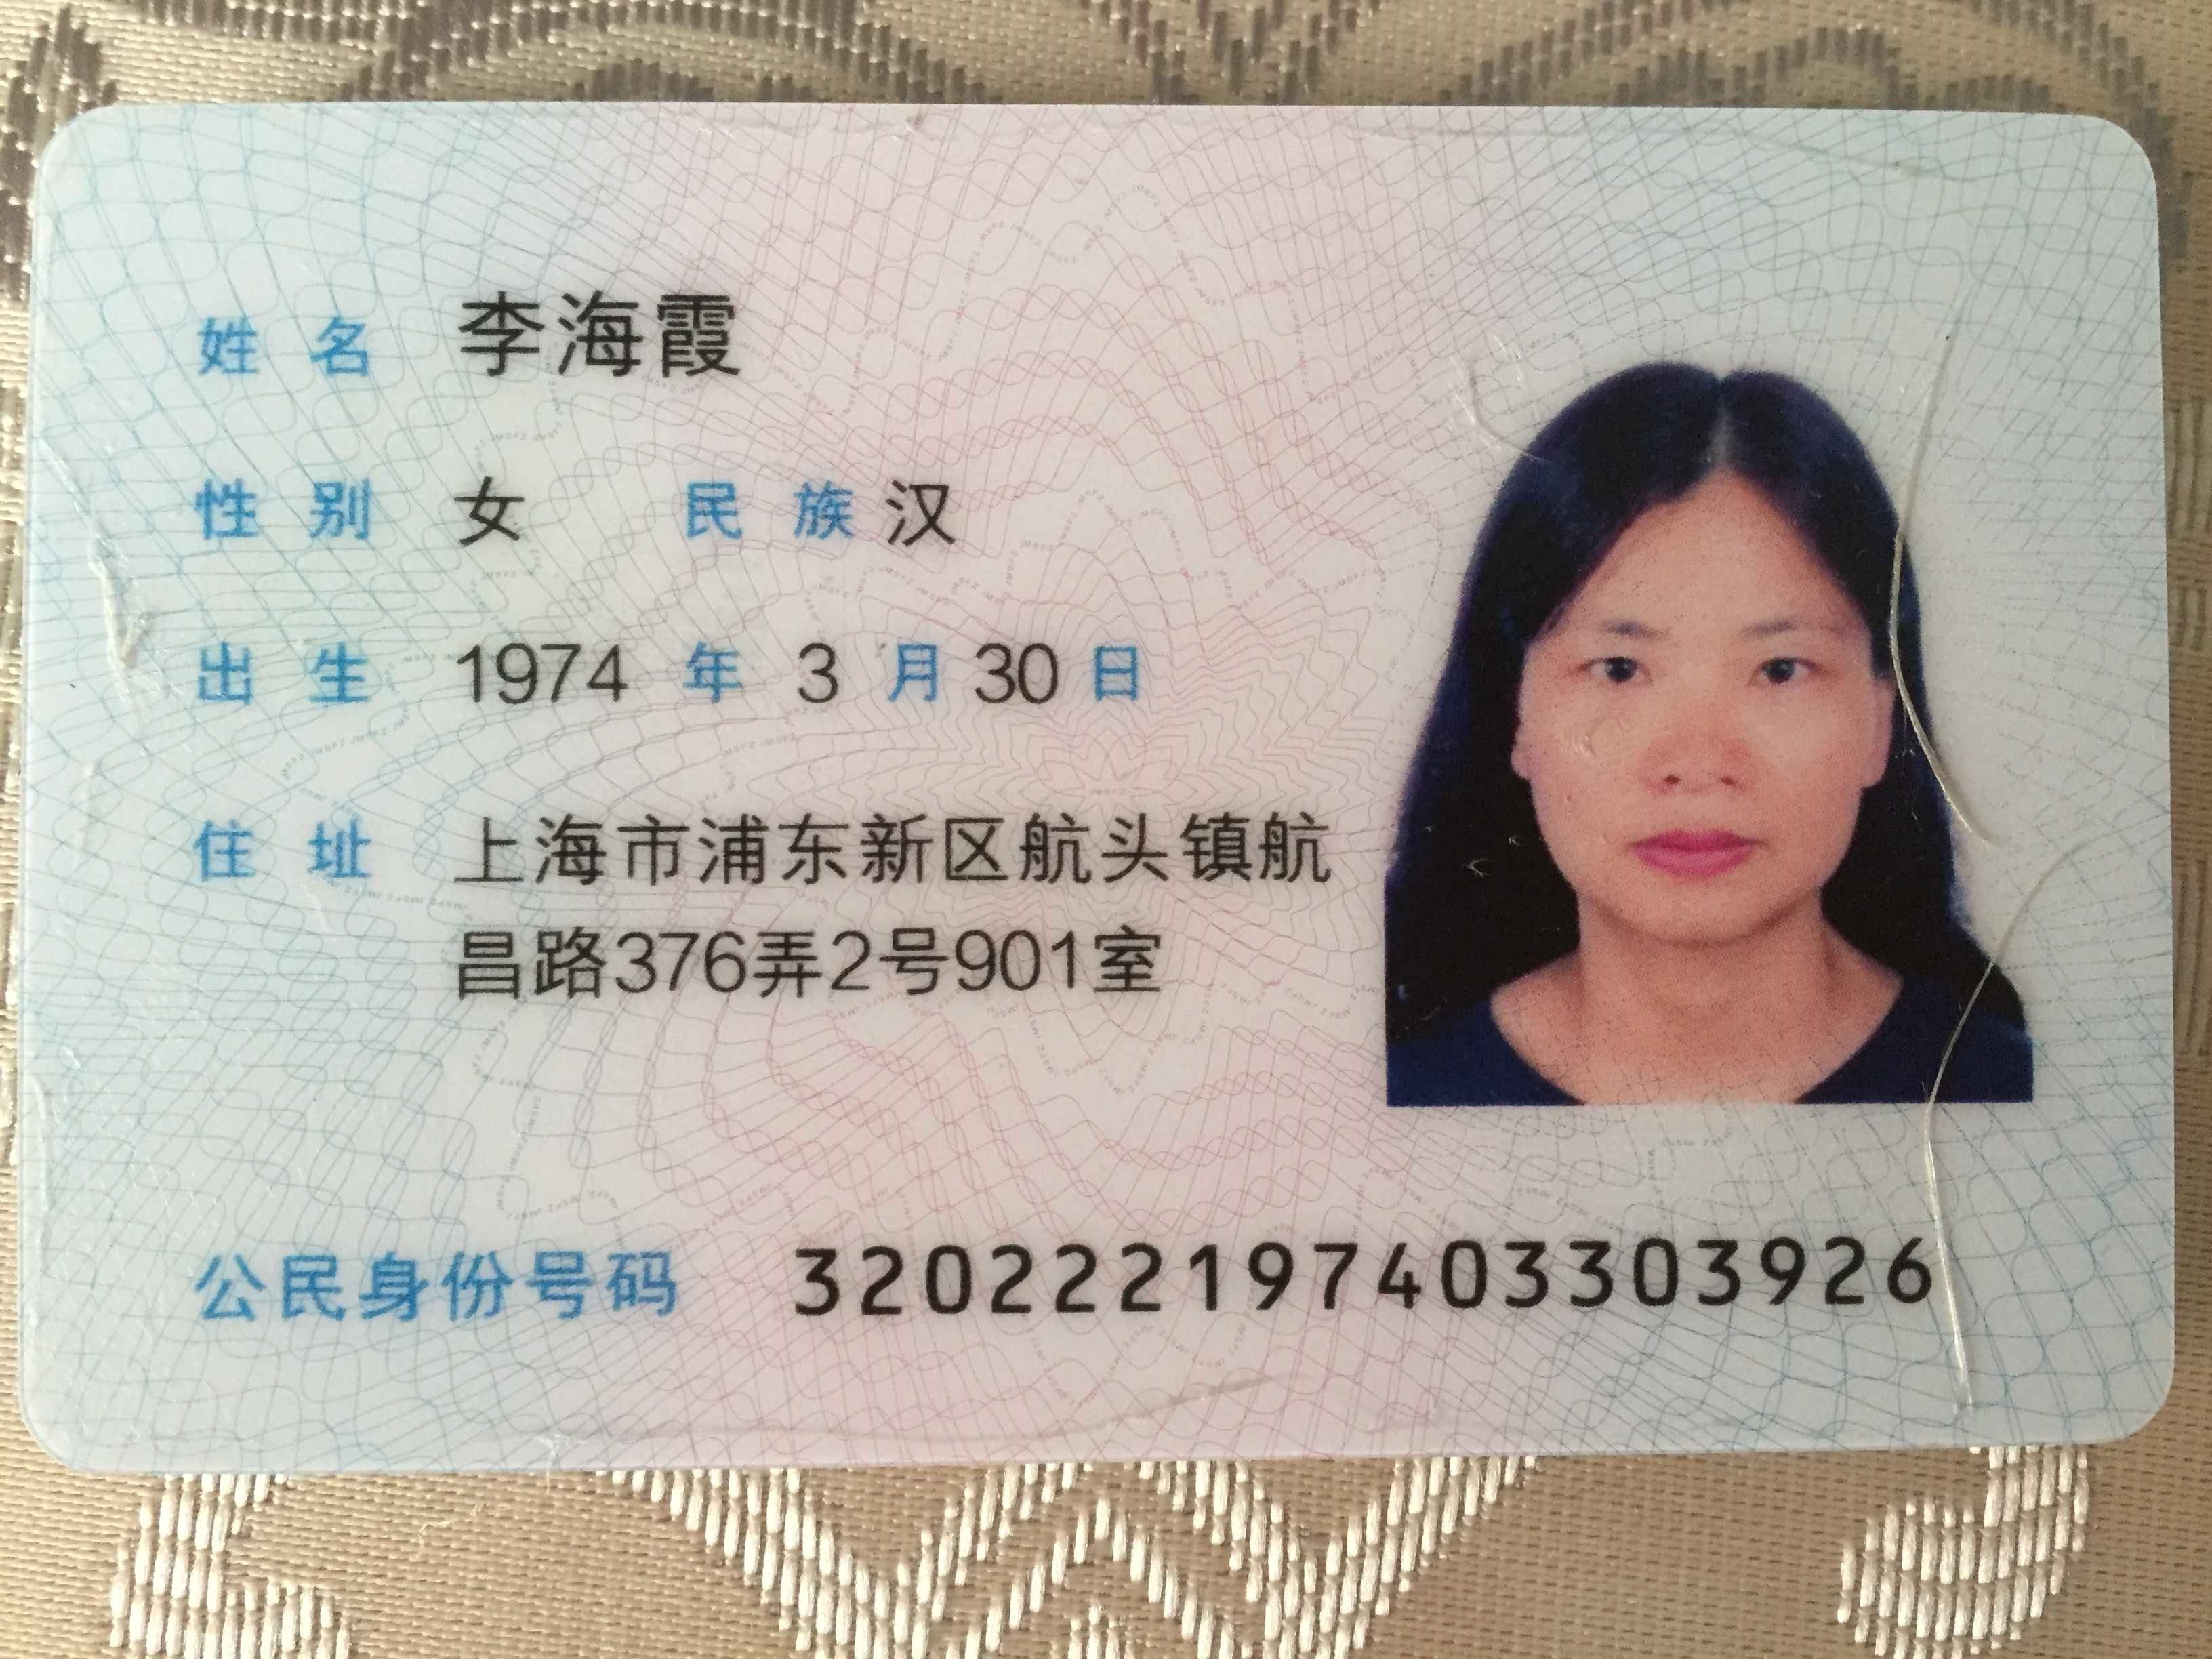 上海澳門凱旋門賭場注冊李老師